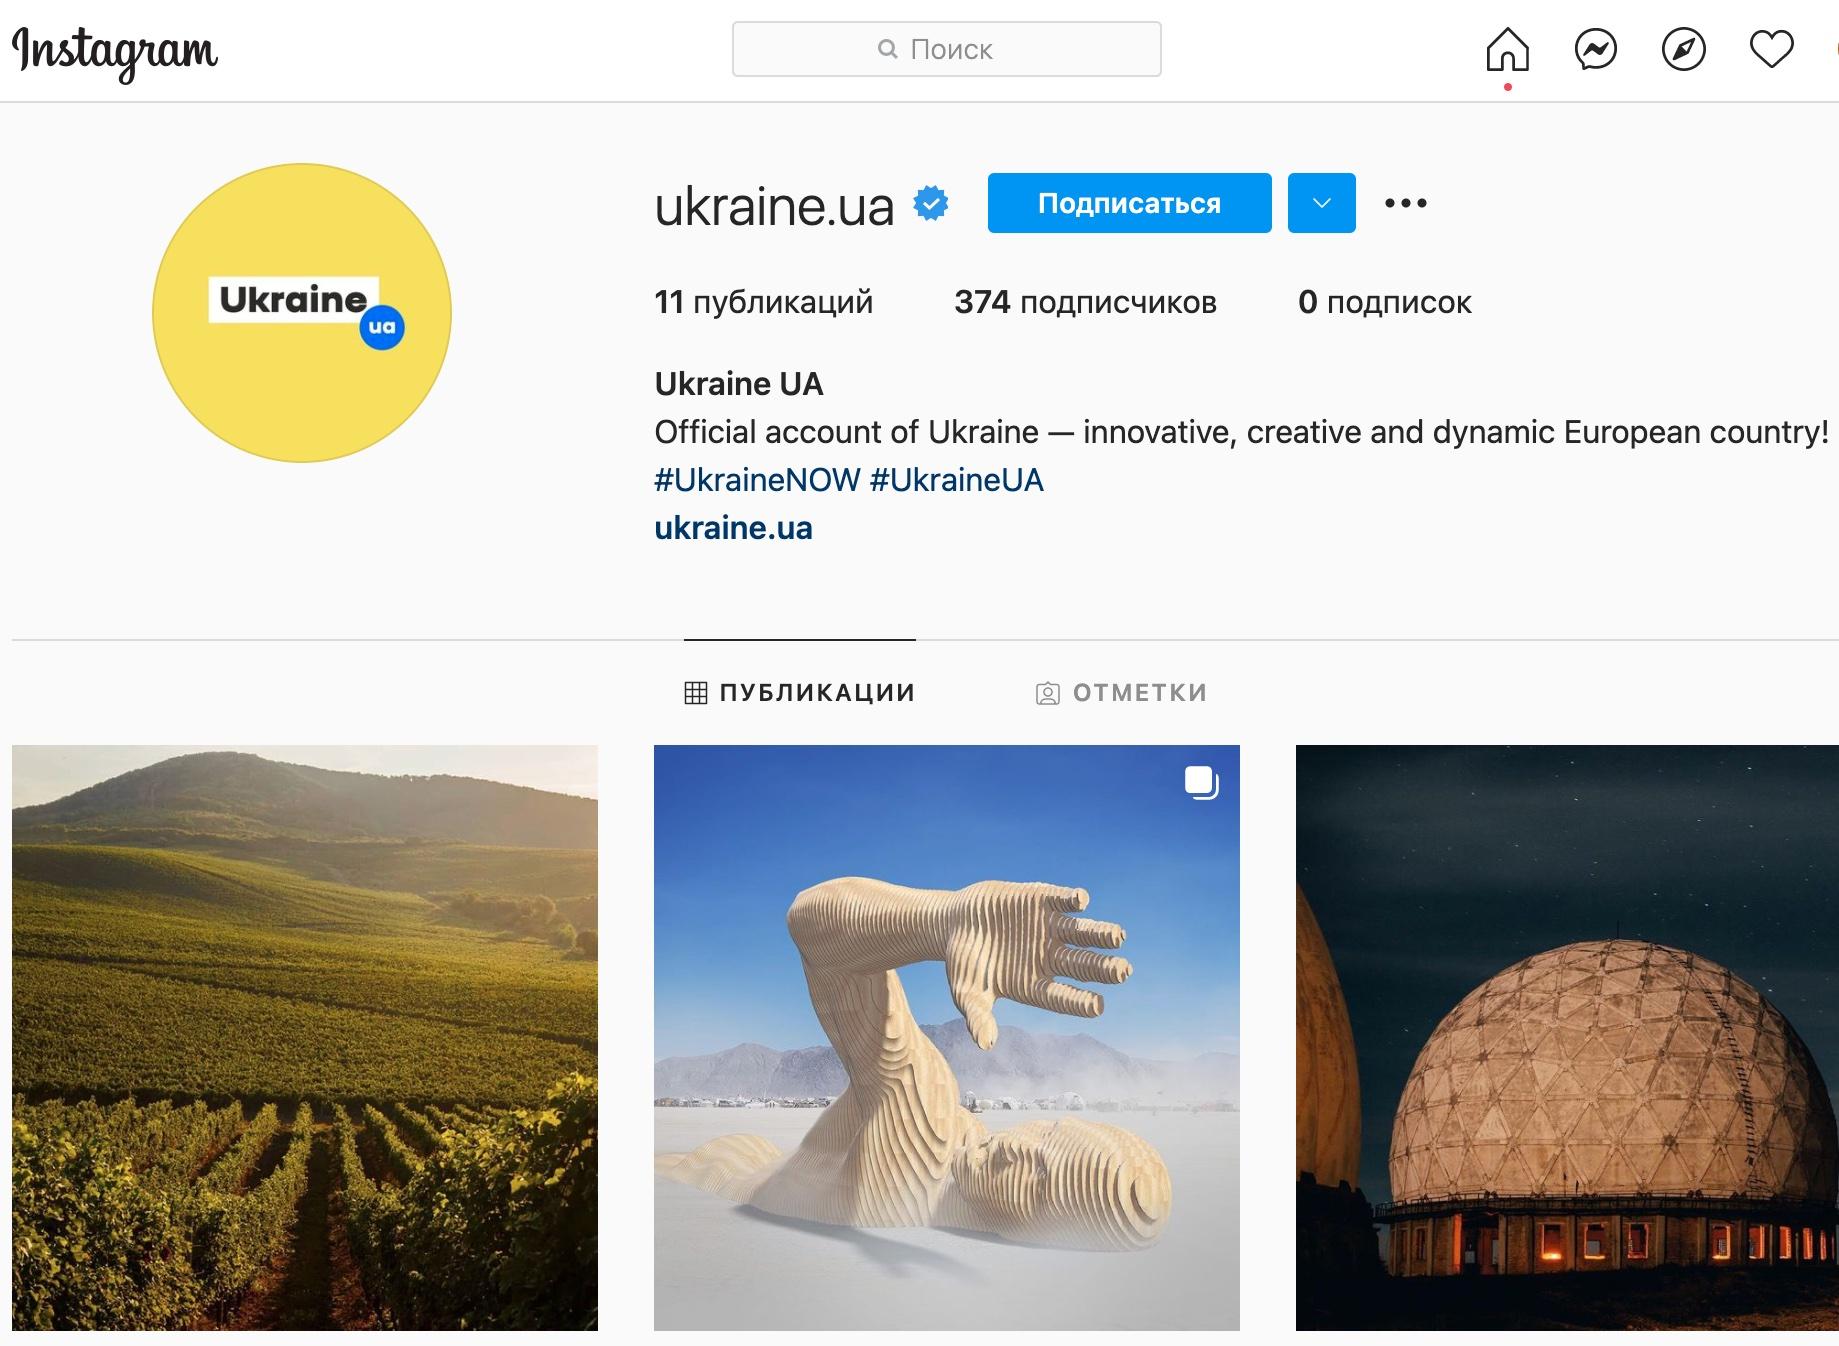 У Украины появилась официальная страница в Instagram: @ukraine.ua